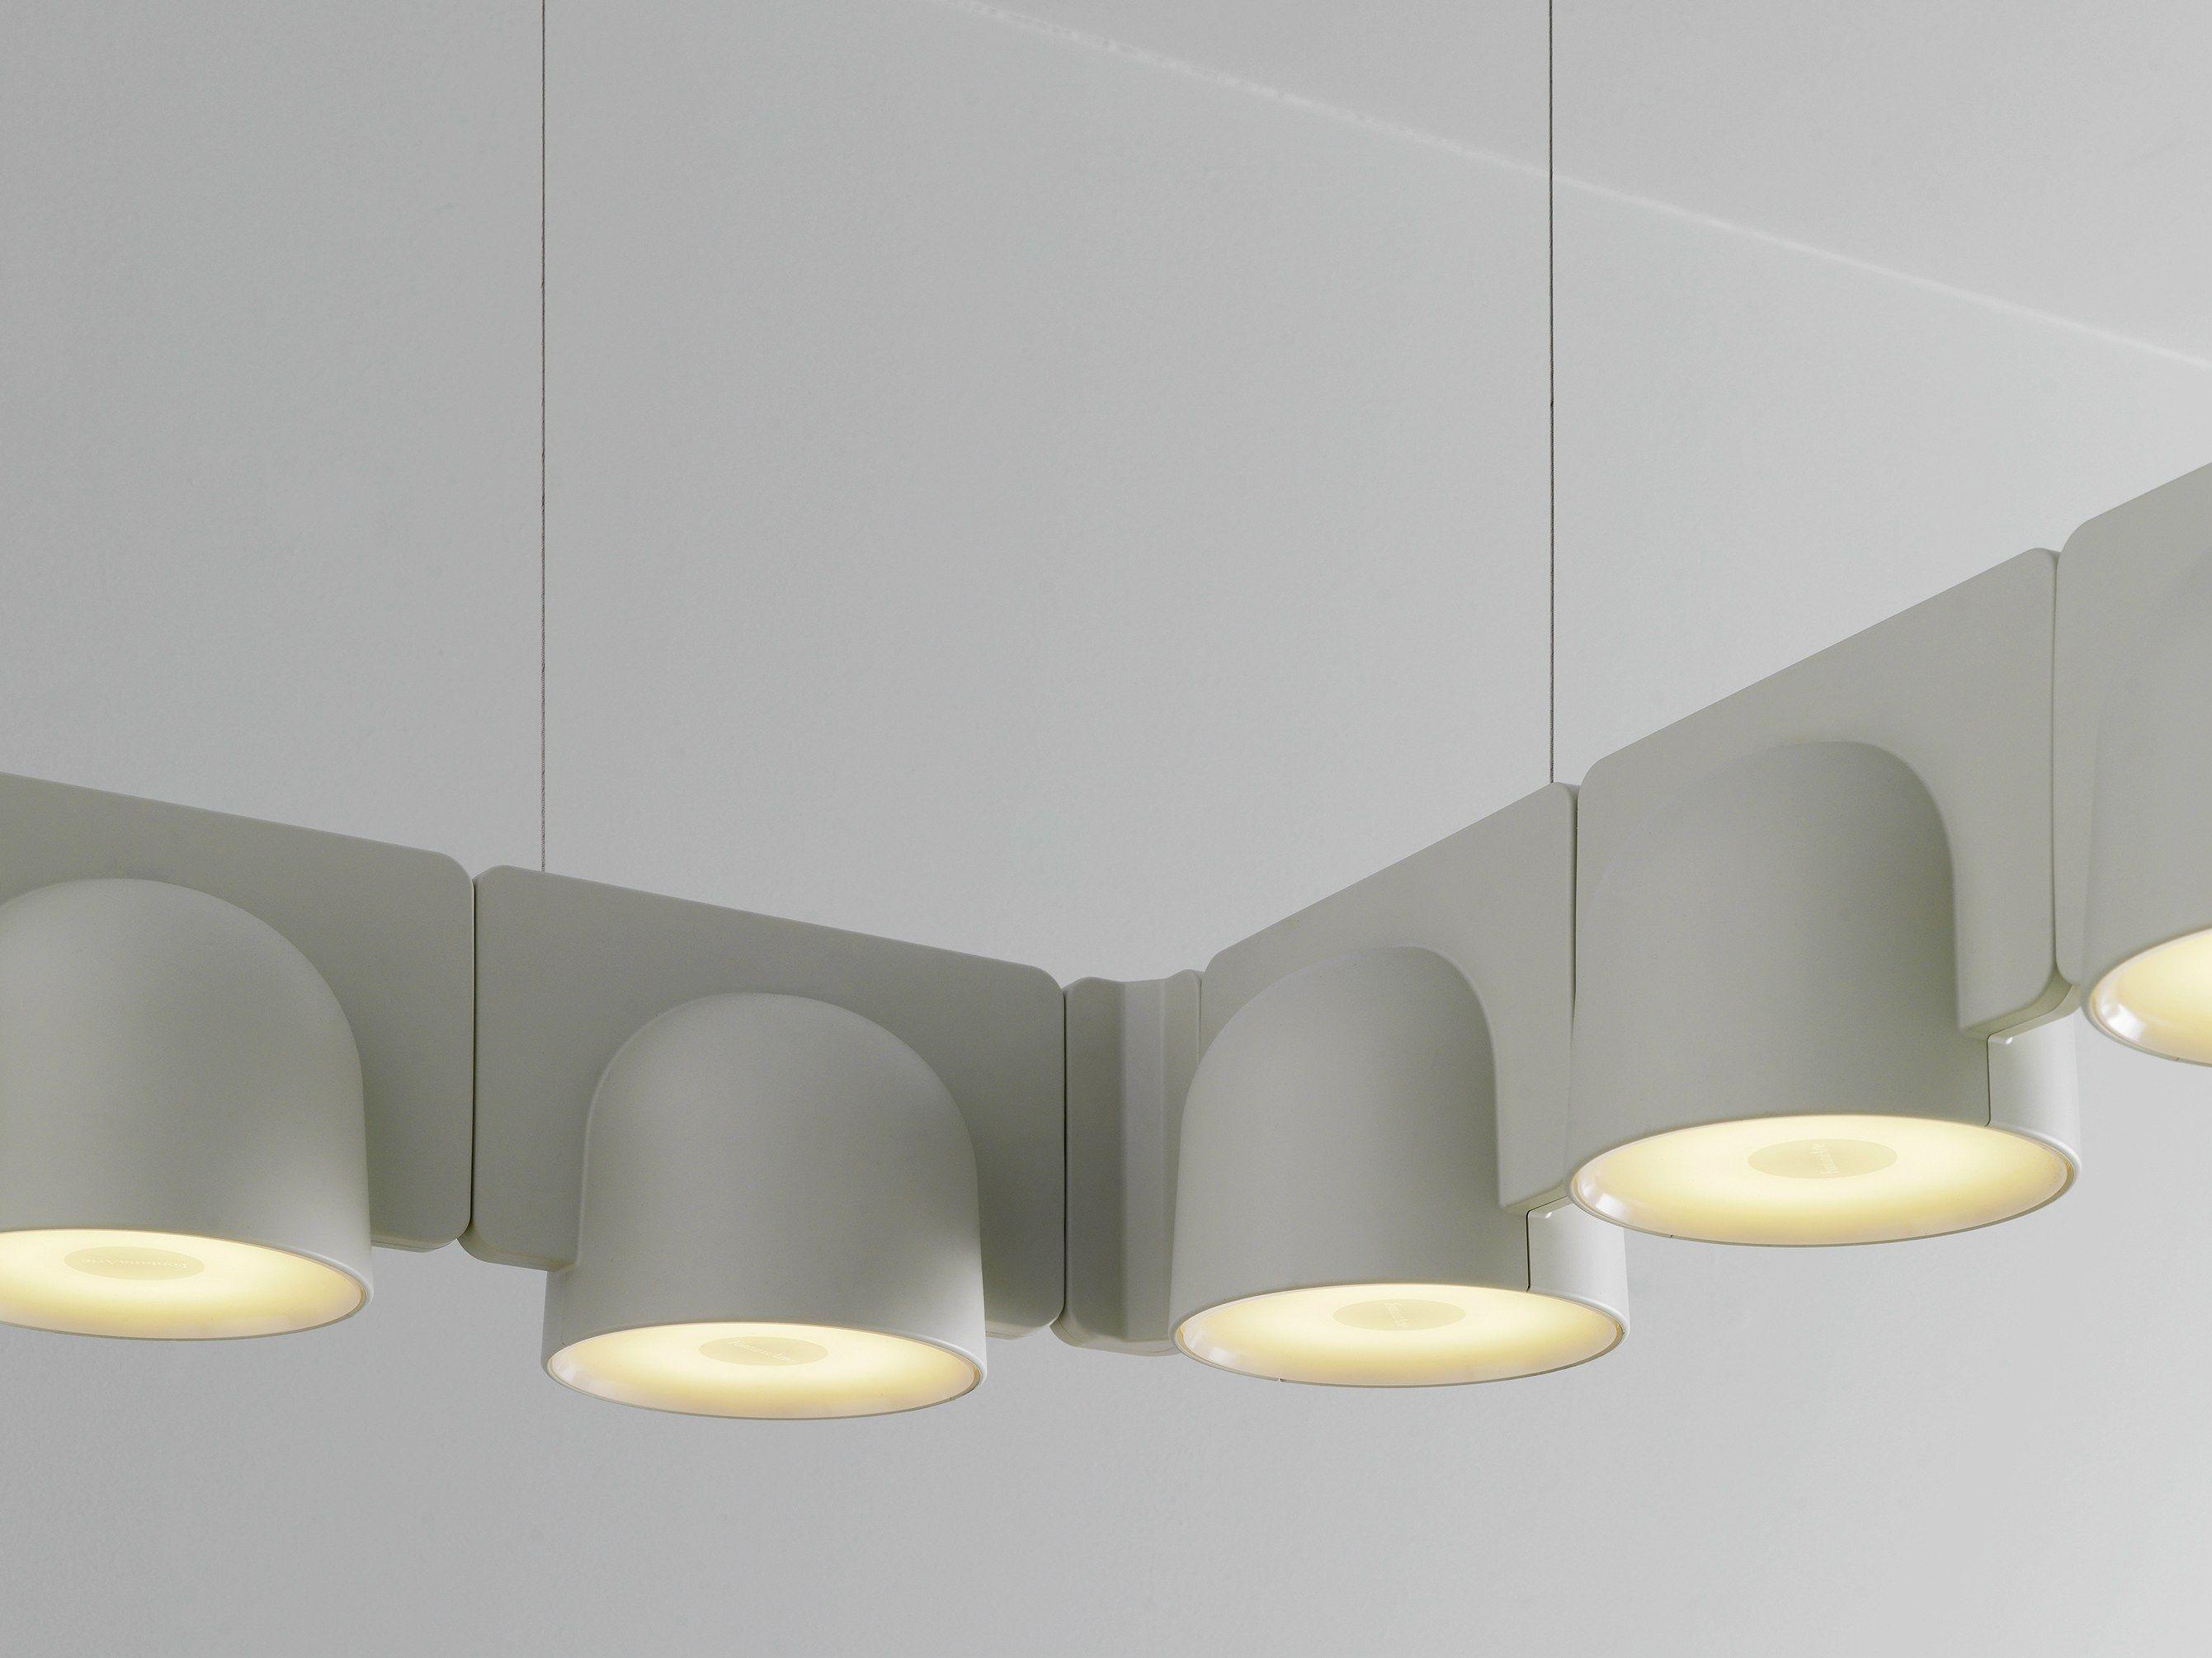 Lampada a sospensione modulare igloo system collezione - Fontana arte corsico ...